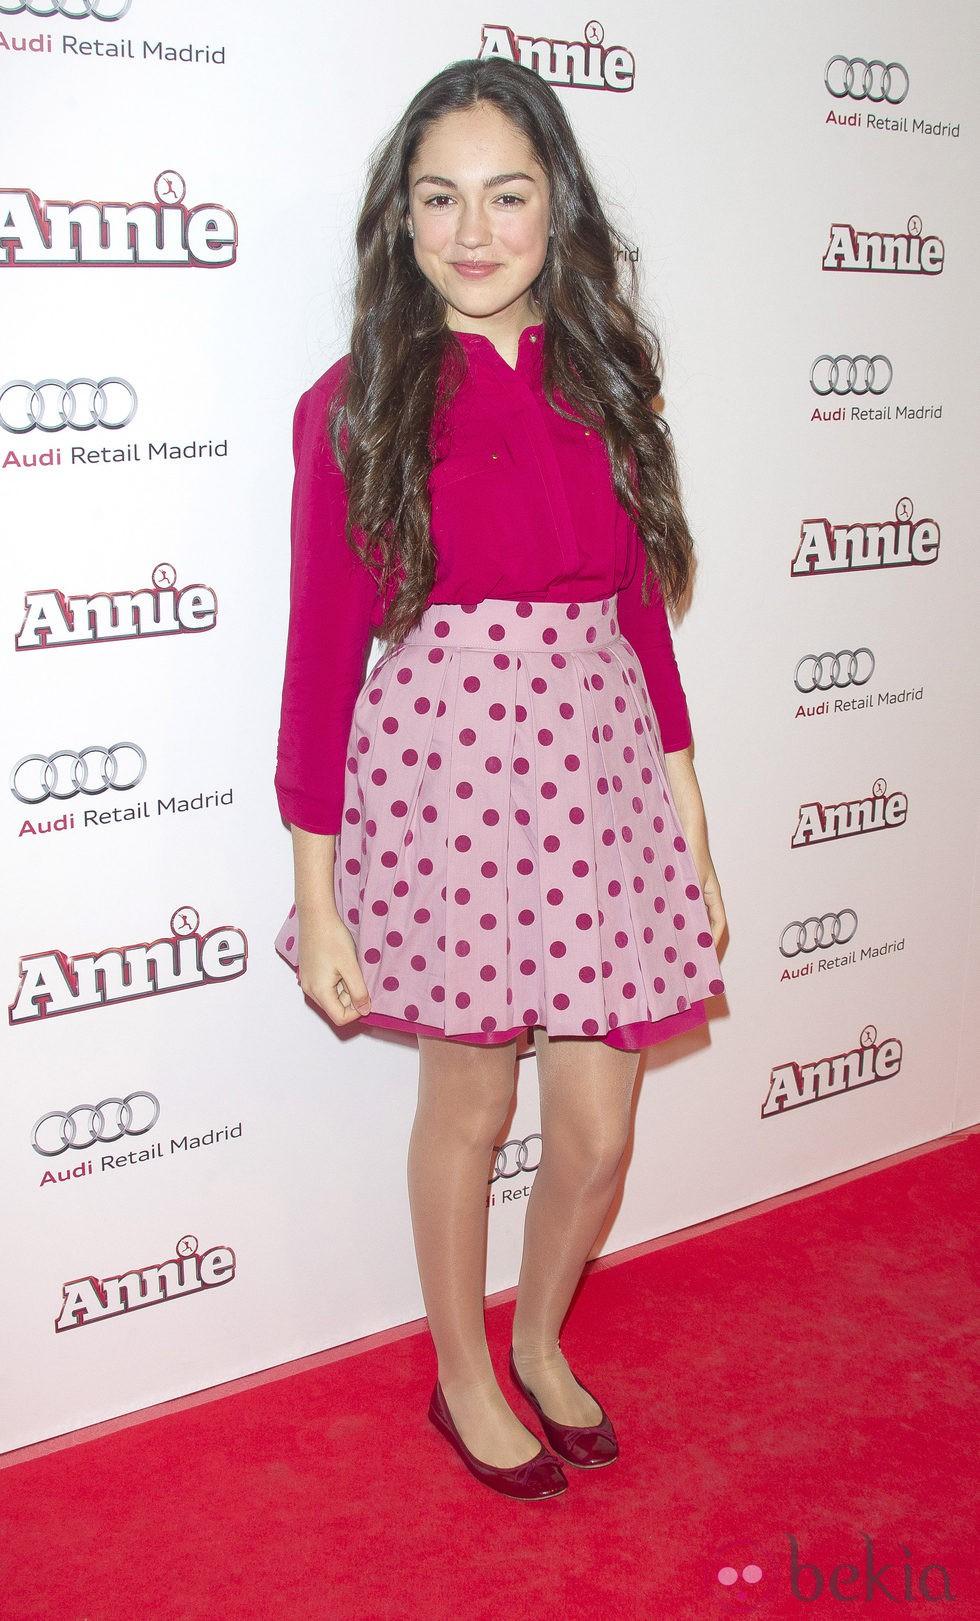 María Parrado en la premiere de 'Annie' en Madrid